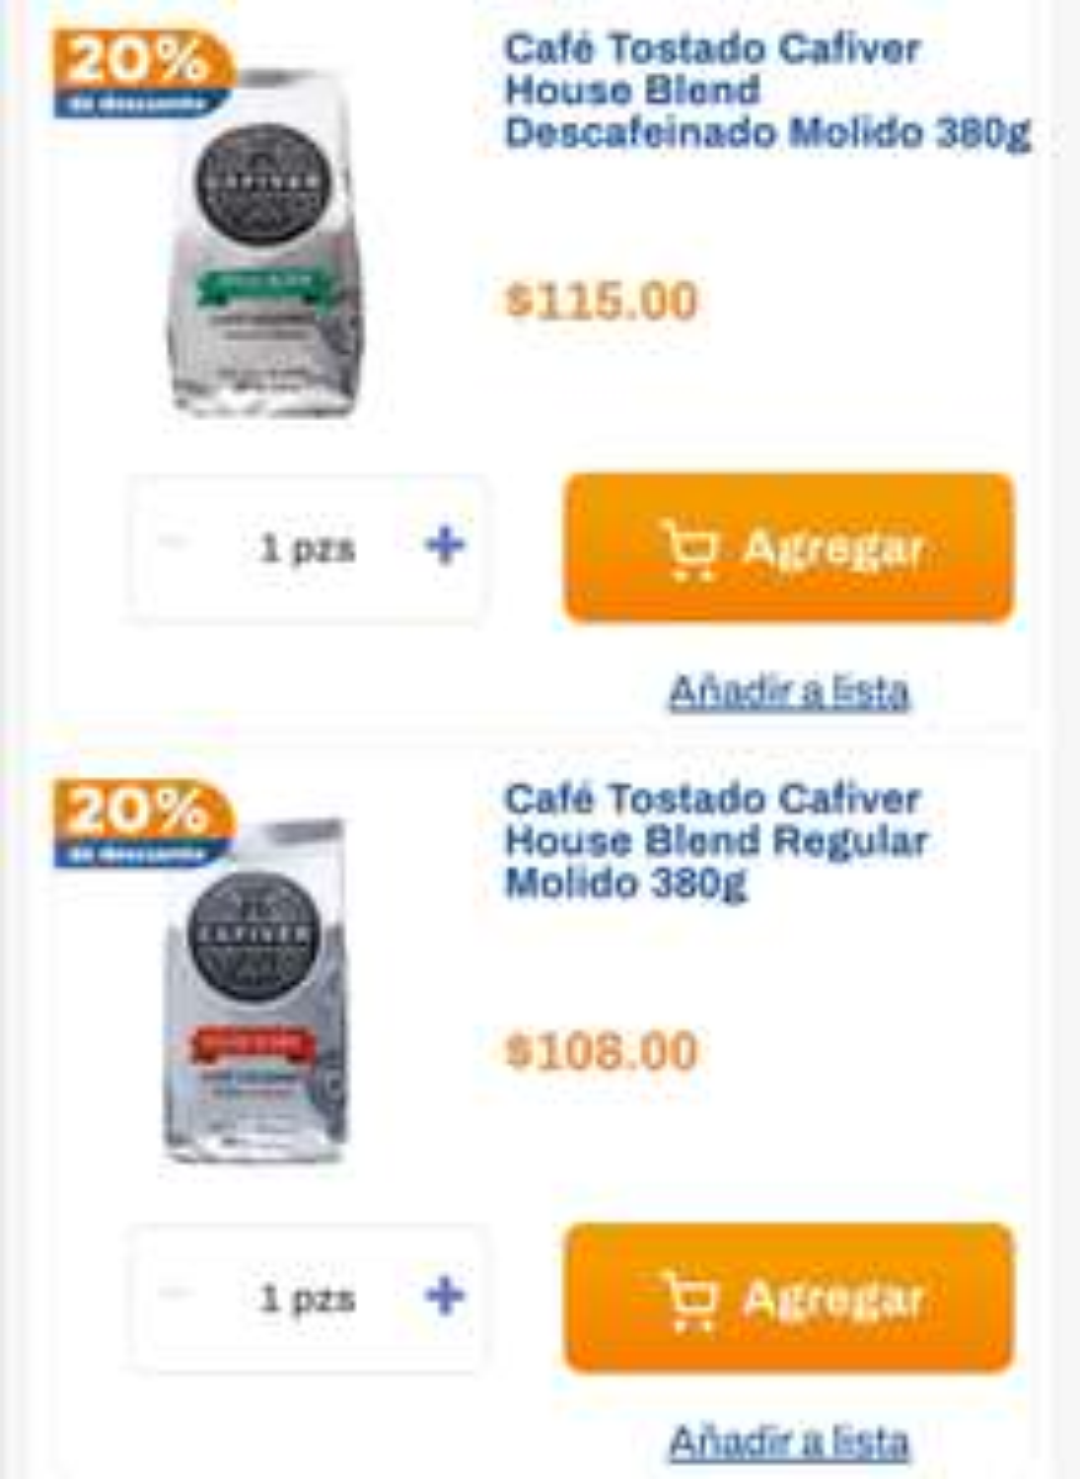 Chedraui: 20% de descuento en café House Blend Cafiver regular y descafeinado 380 g